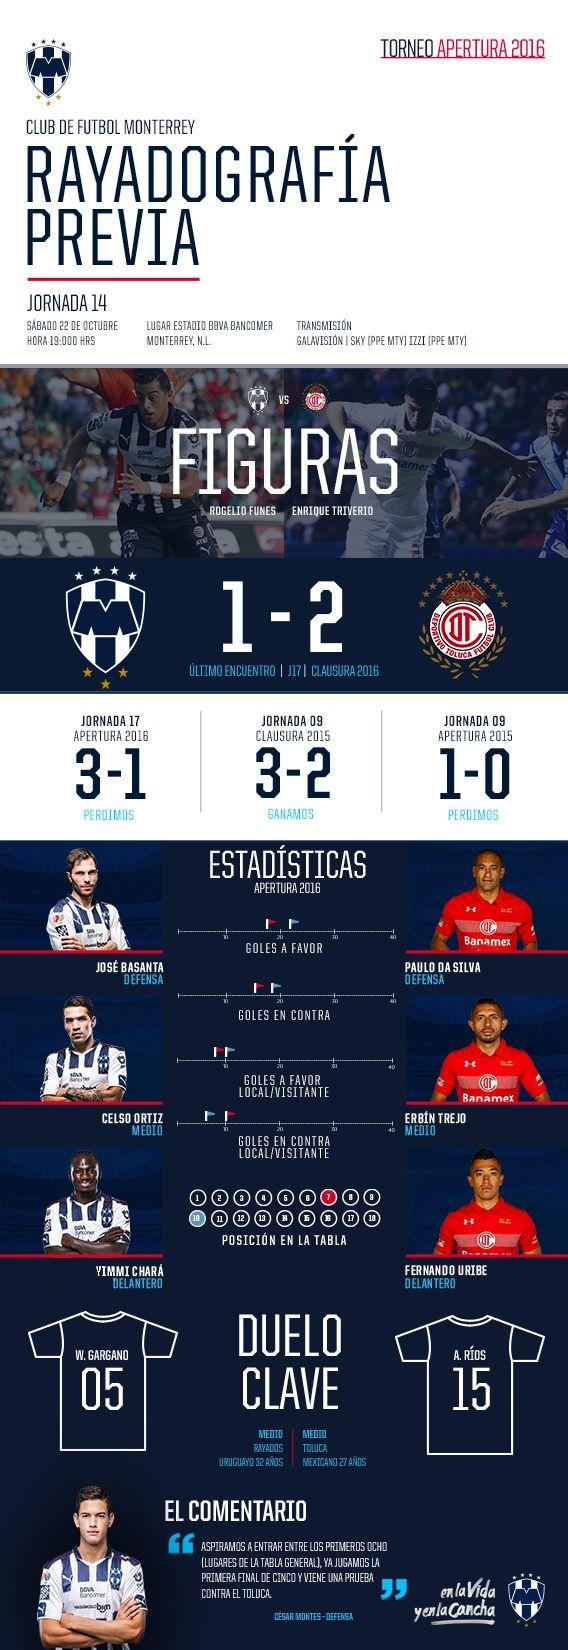 Rayadografía - Rayados vs. Toluca (Previo)